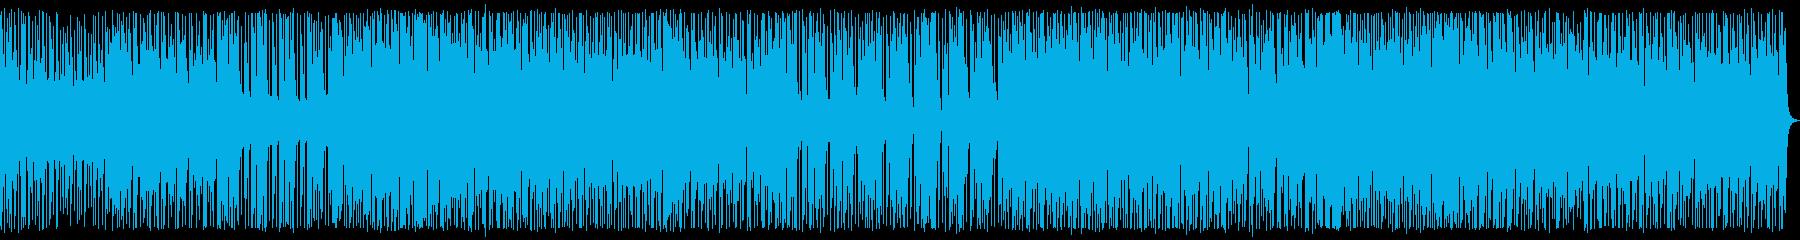 爽やか/ポップス_No596_1の再生済みの波形